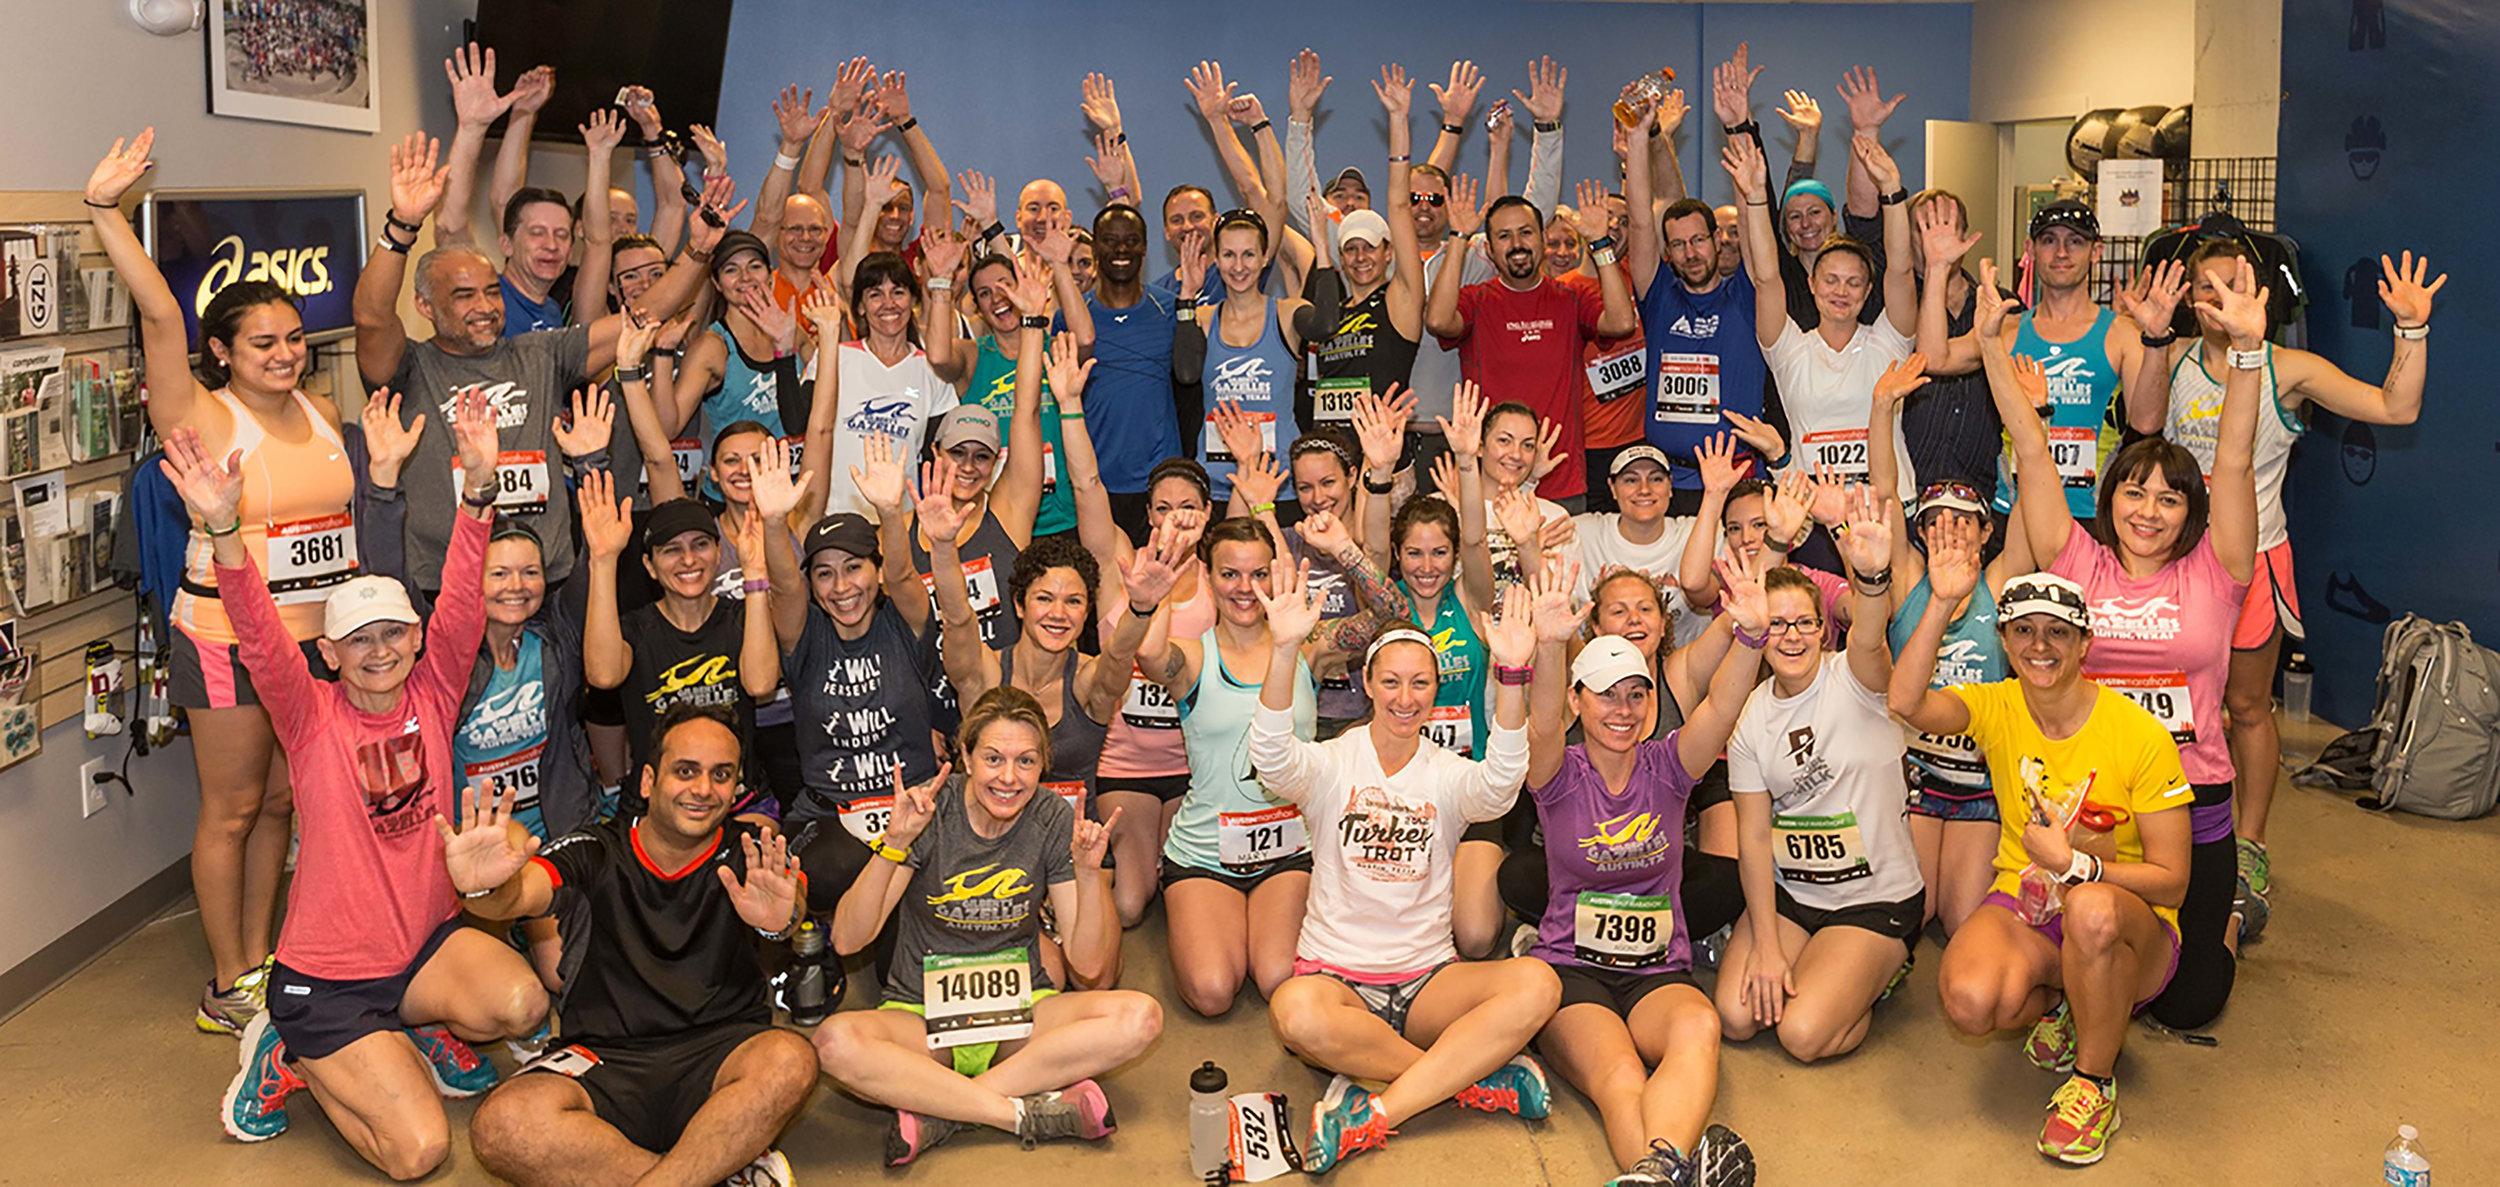 Austin Marathon 2015 pub-3.jpg